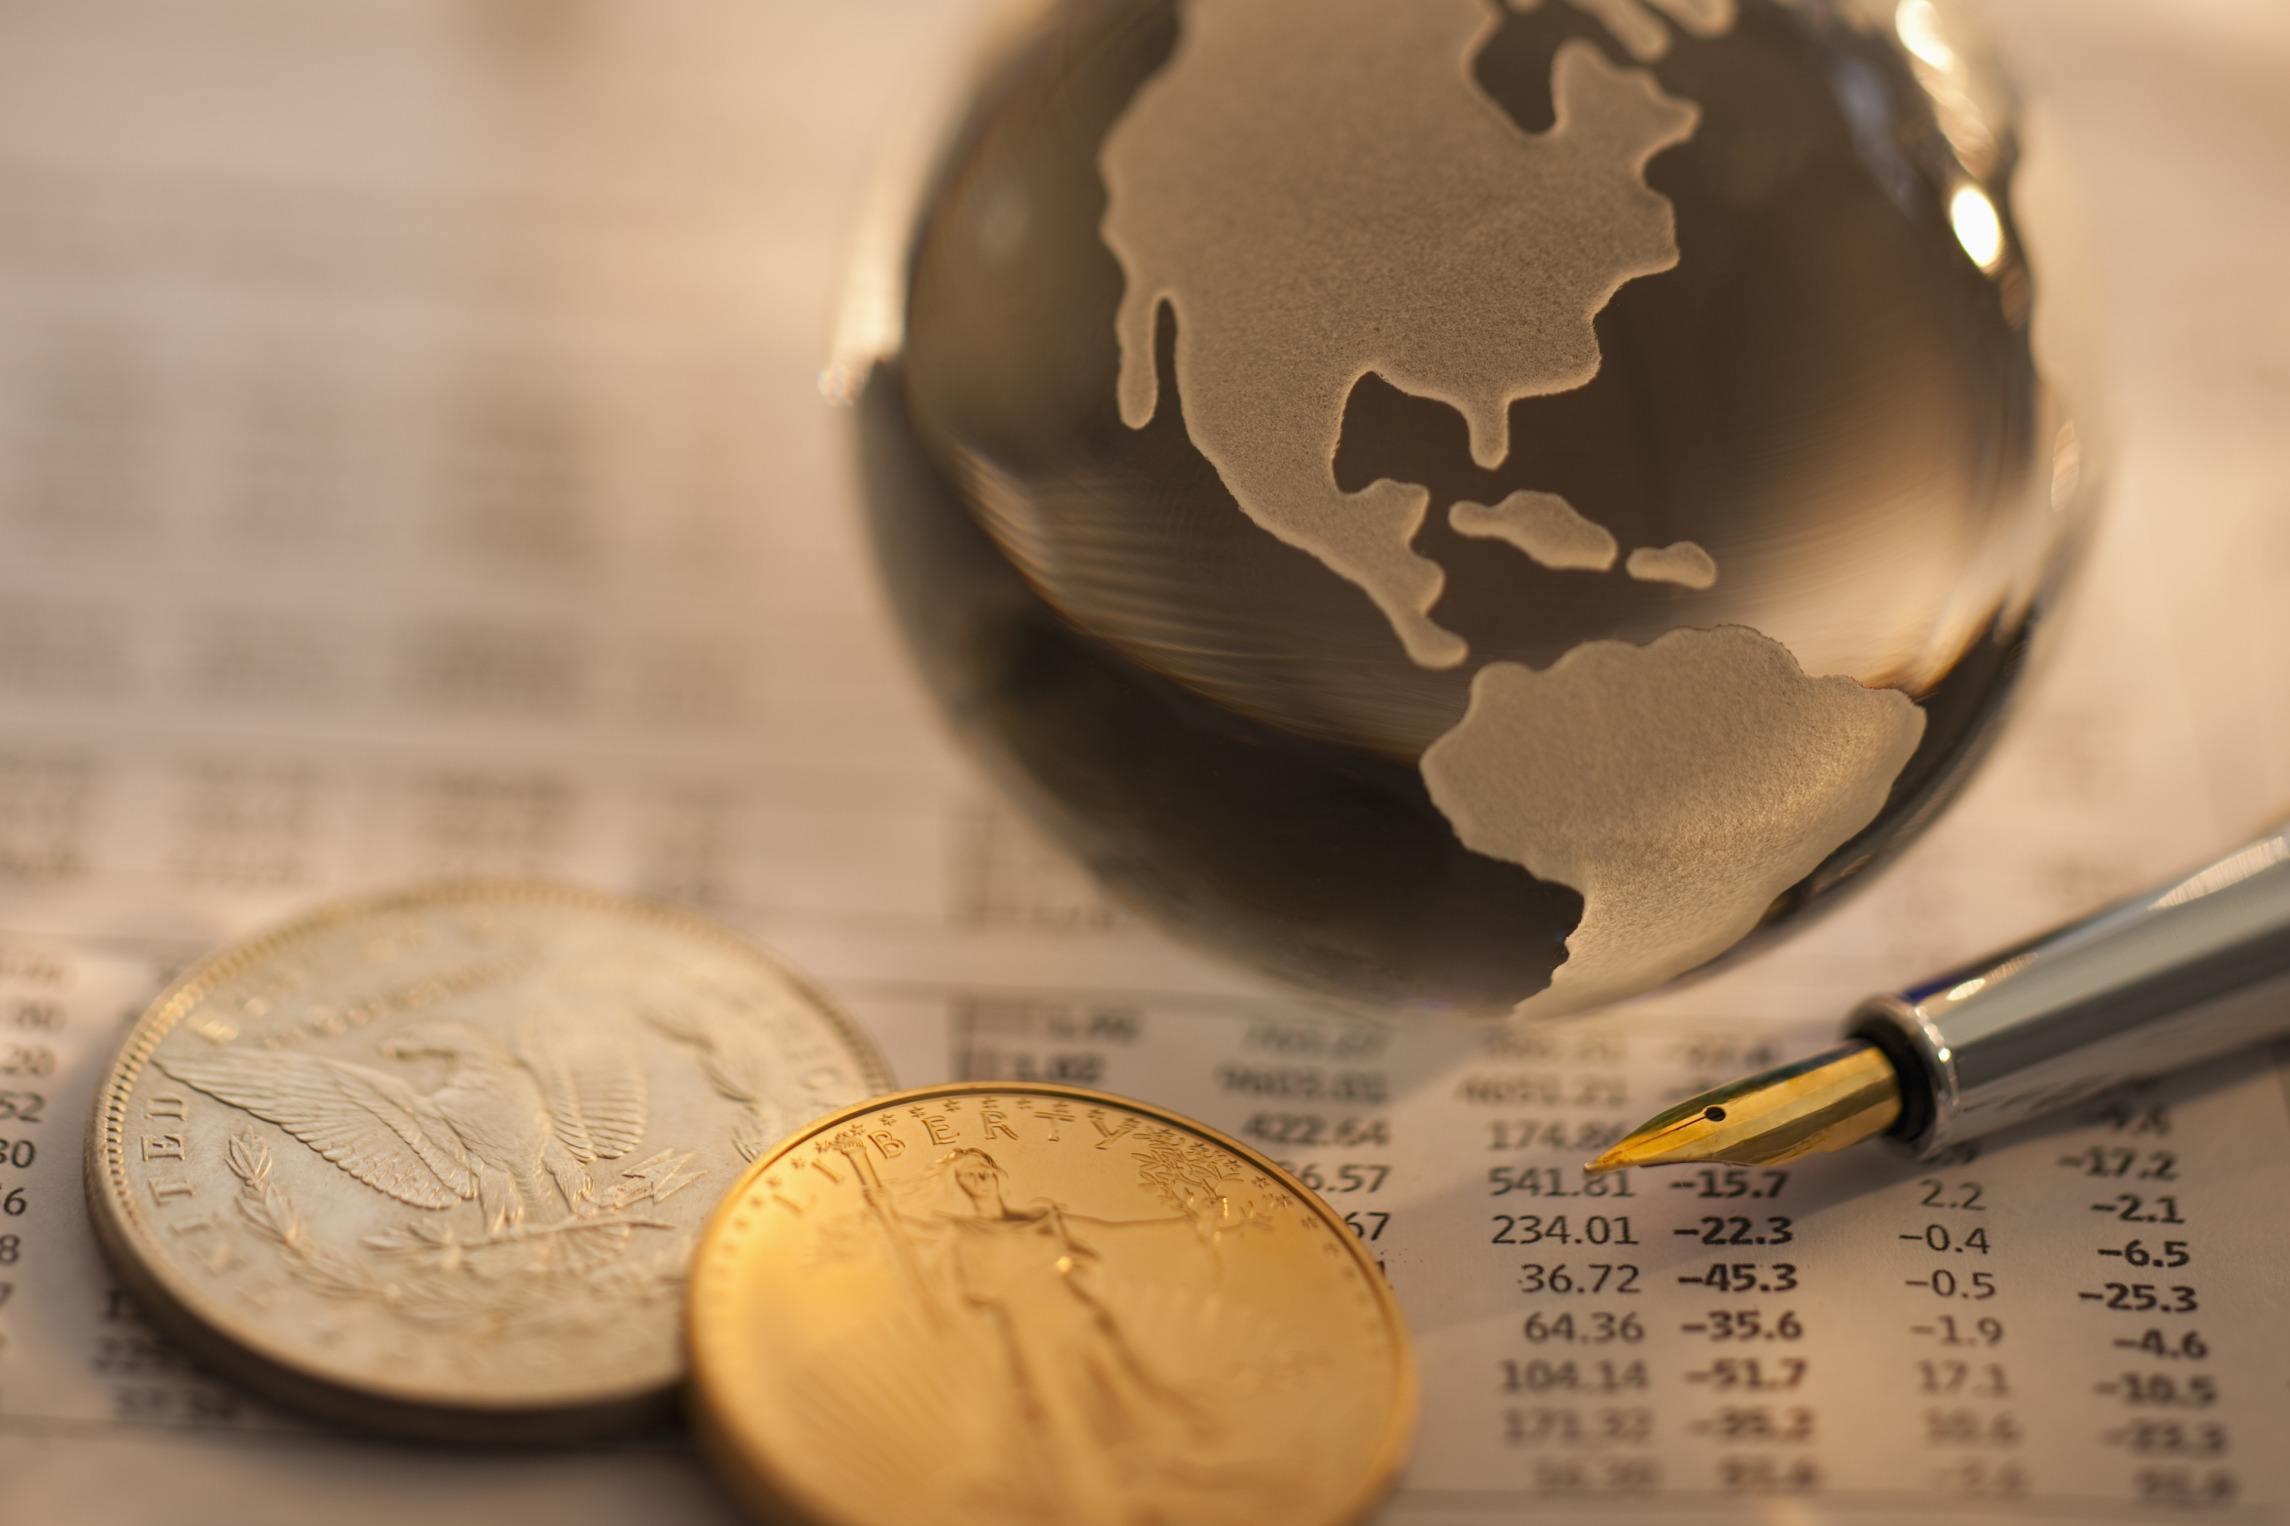 山东省银行结算账户信息管理系统上线运行